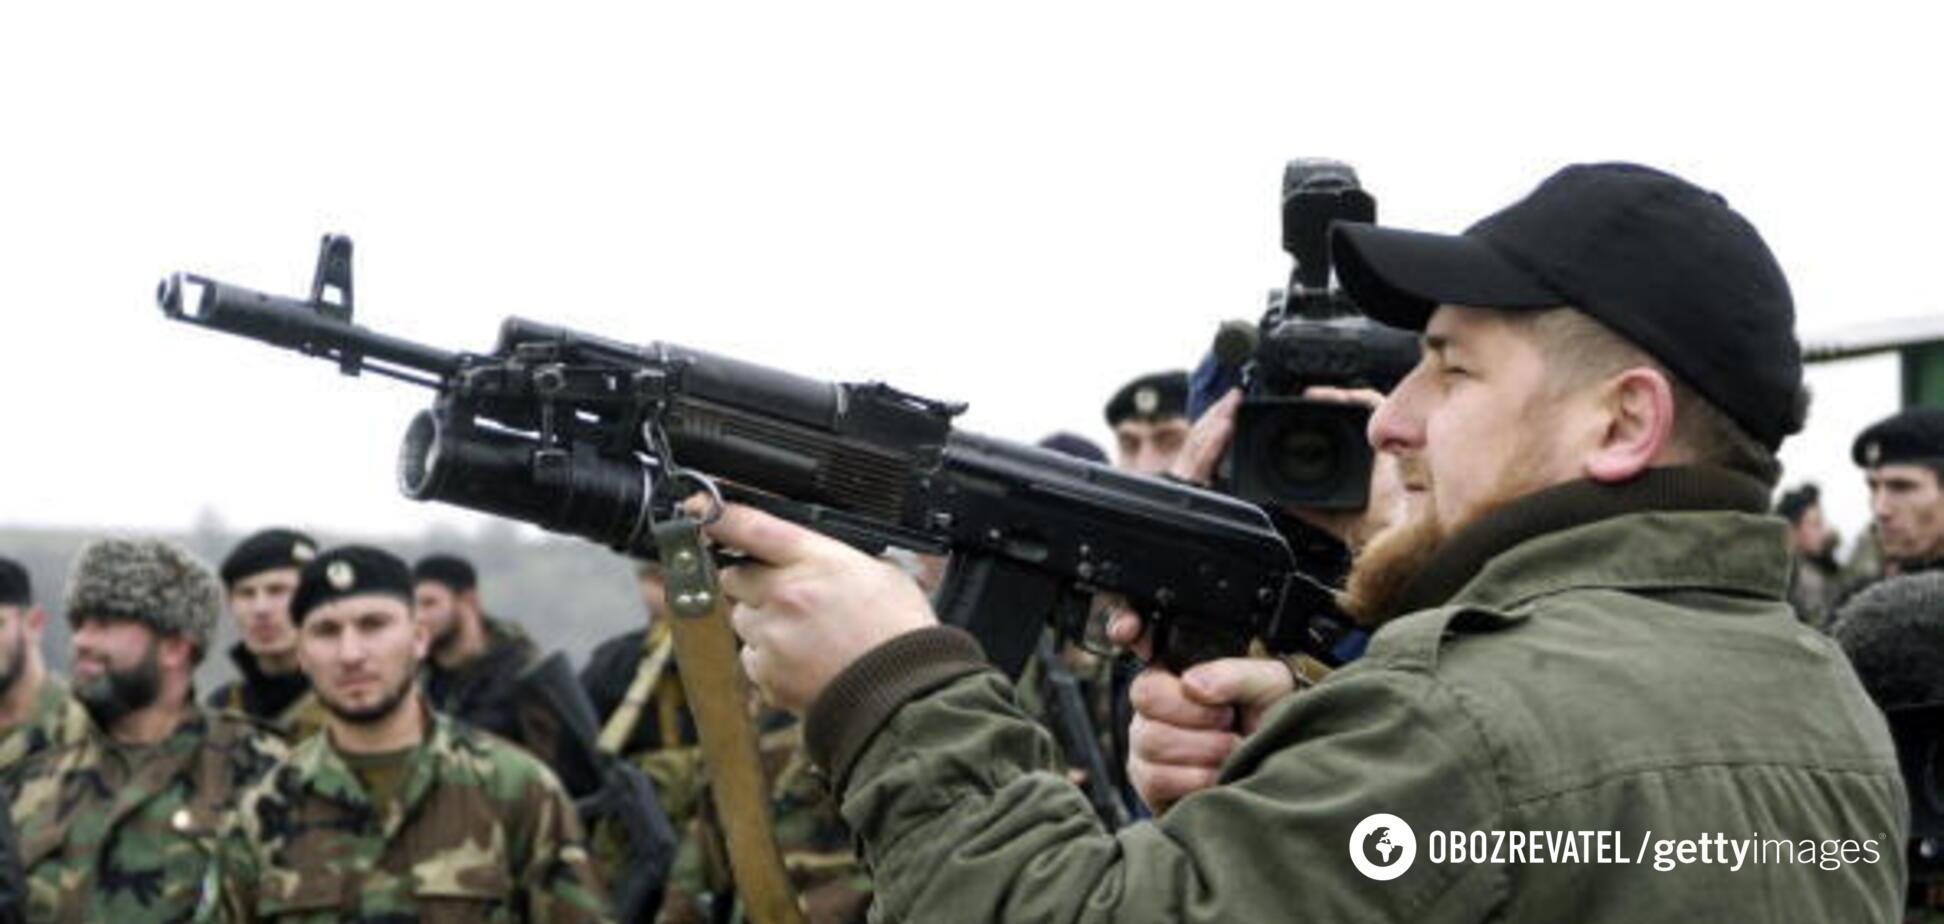 Третя Чеченська війна: Росію попередили про загрозу сепаратизму